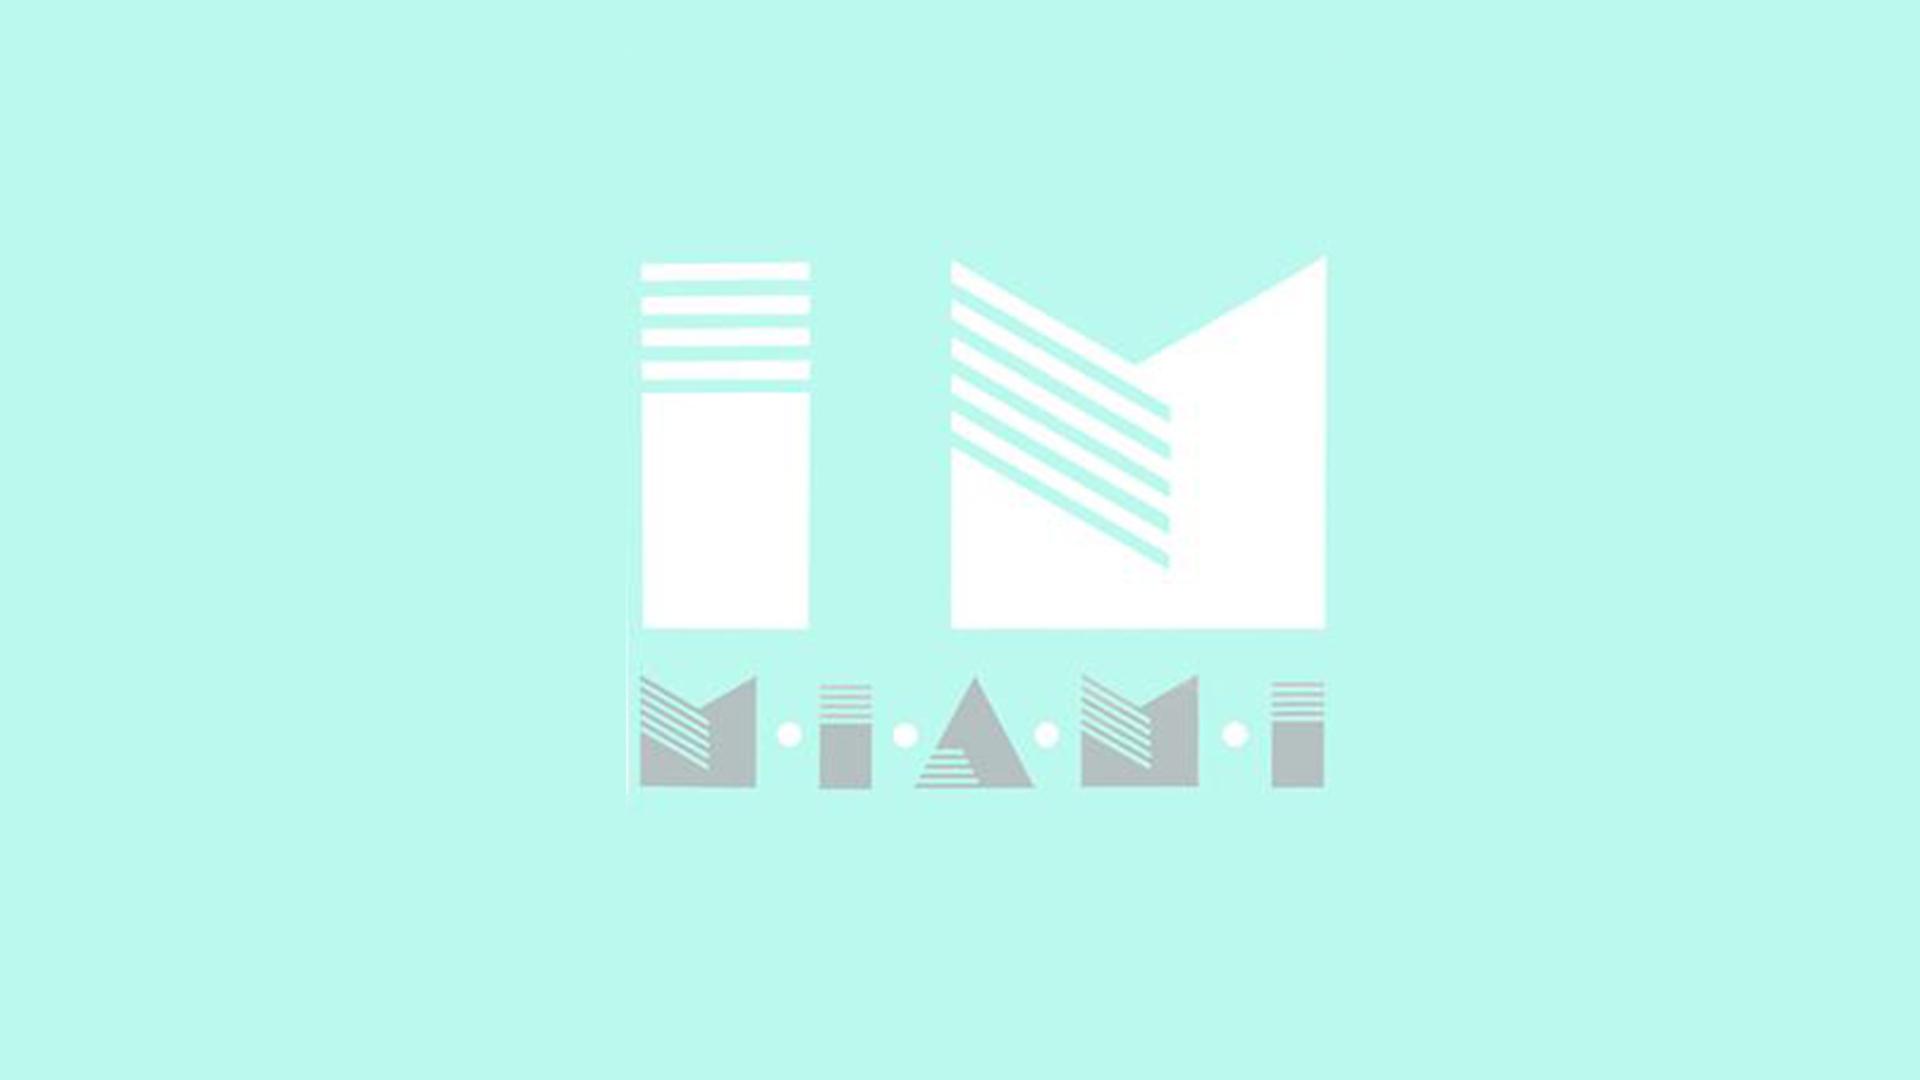 Irene Marie 80s logo